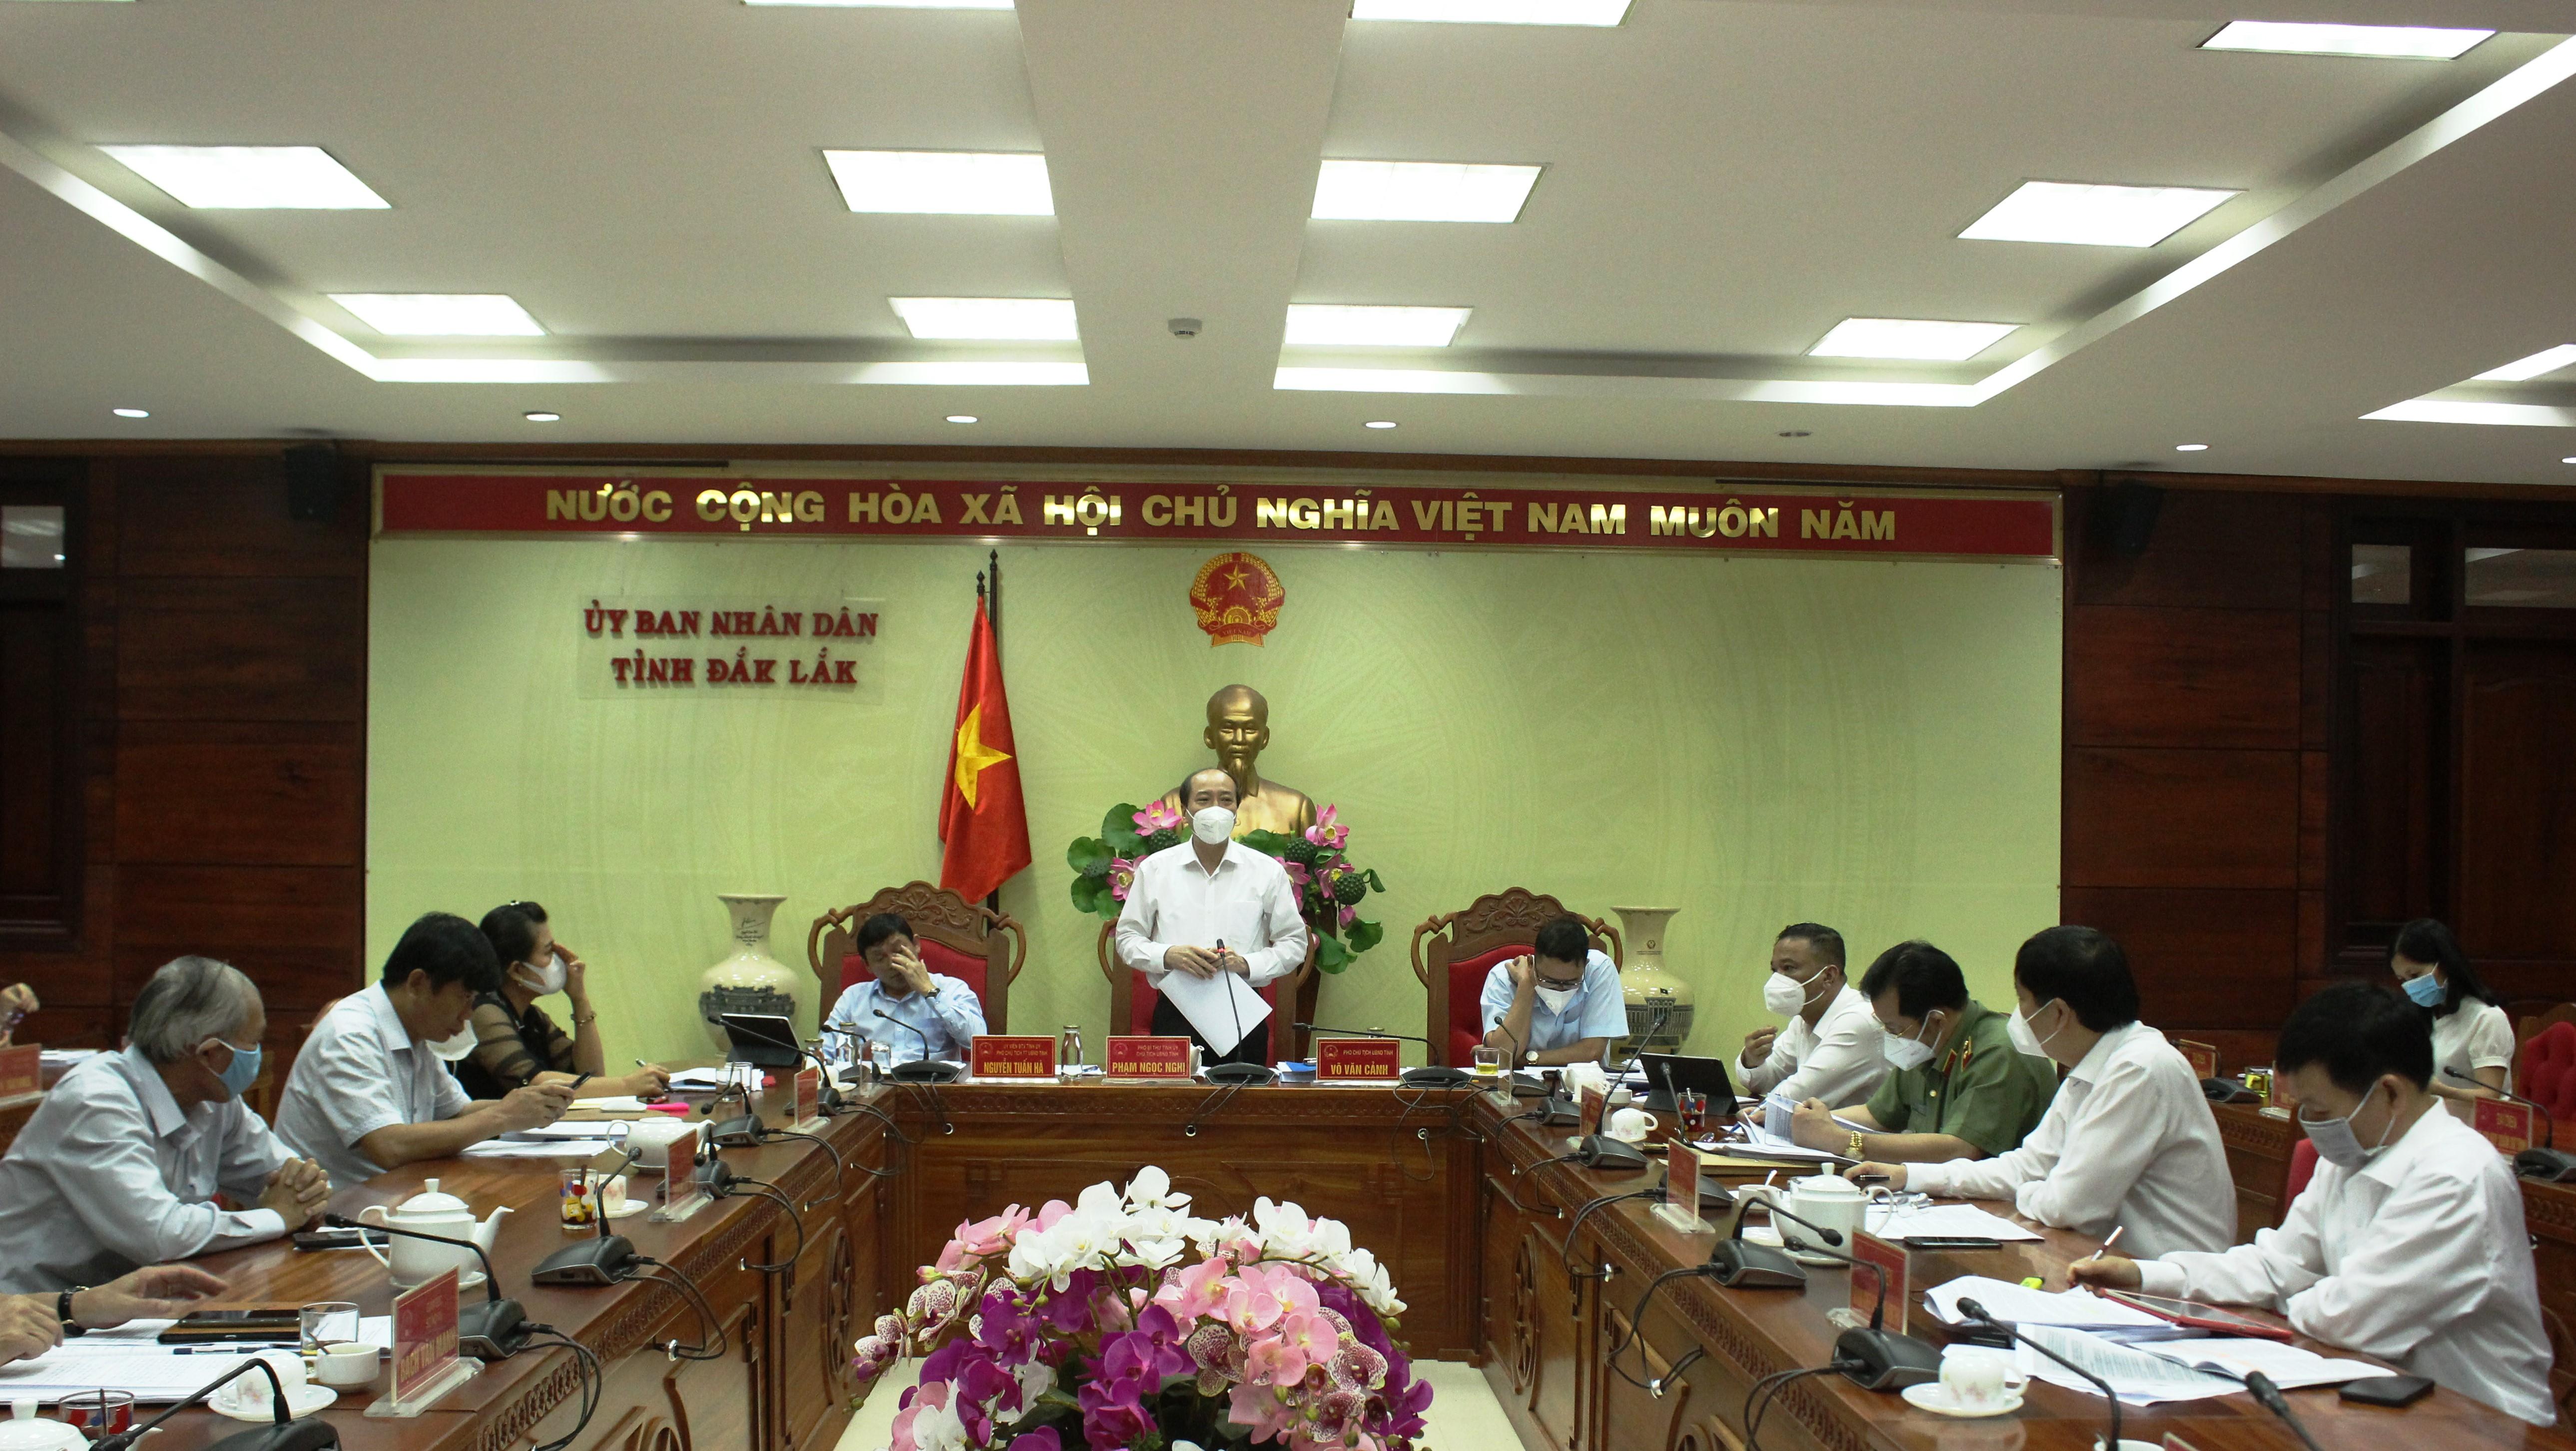 Phiên họp thành viên UBND tỉnh thông qua nội dung trình Kỳ họp HĐND tỉnh